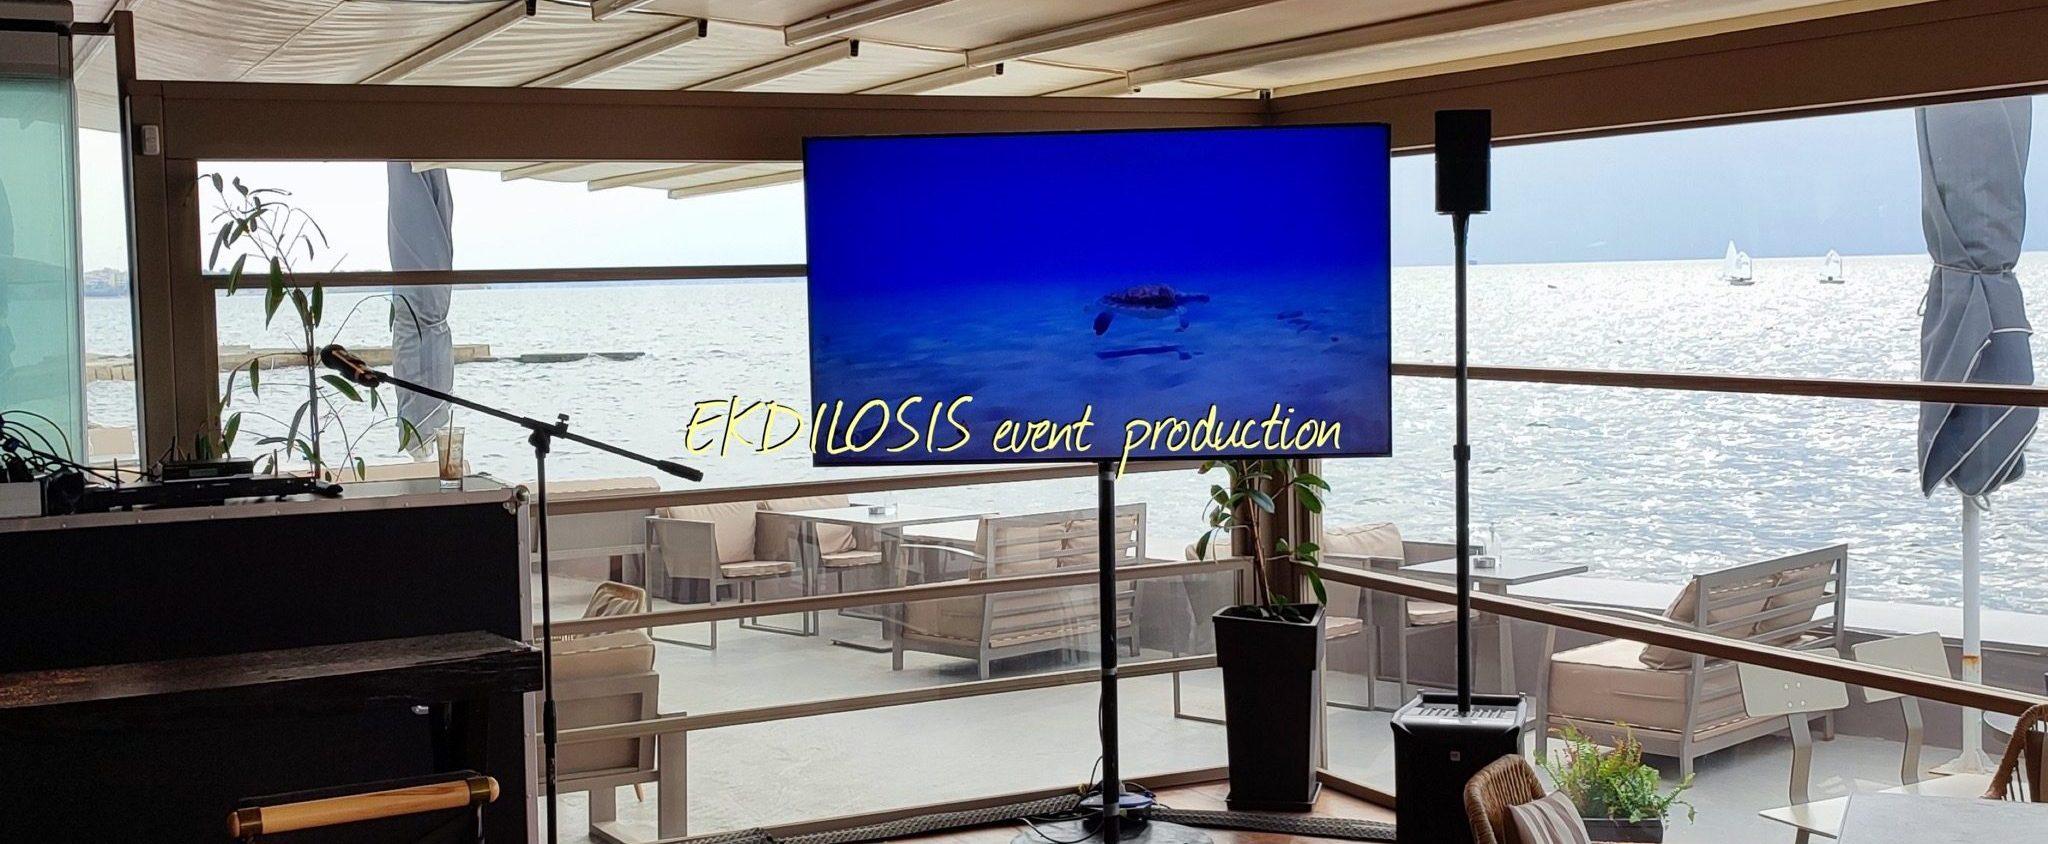 τηλεοράσεις εκθέσεων & εκδηλώσεων της EKDILOSIS event poroduction